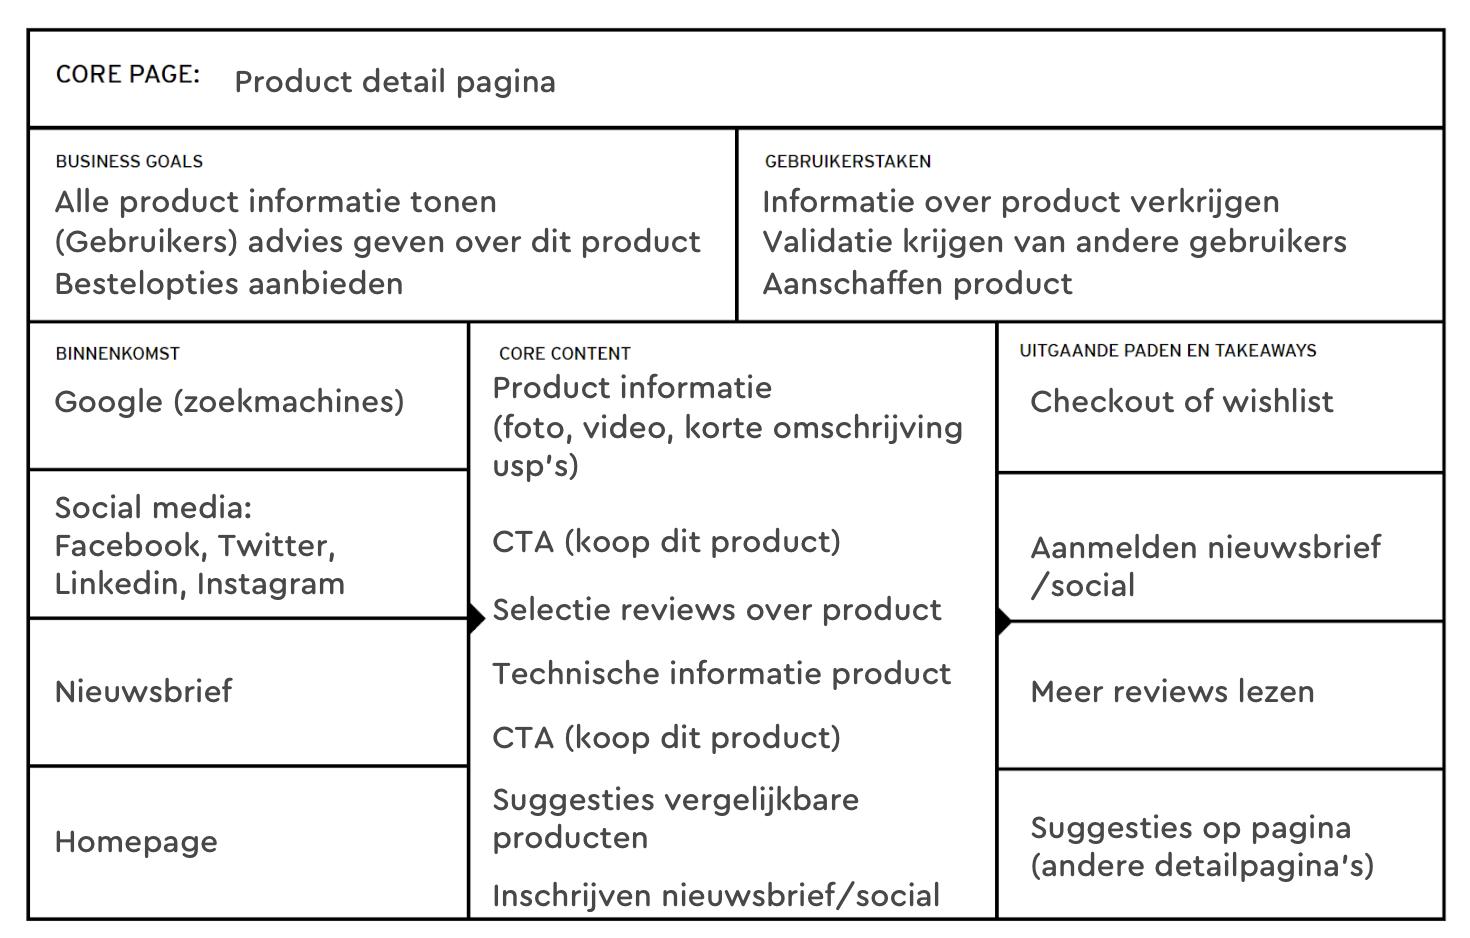 Een ingevuld voorbeeld van het Core Model.